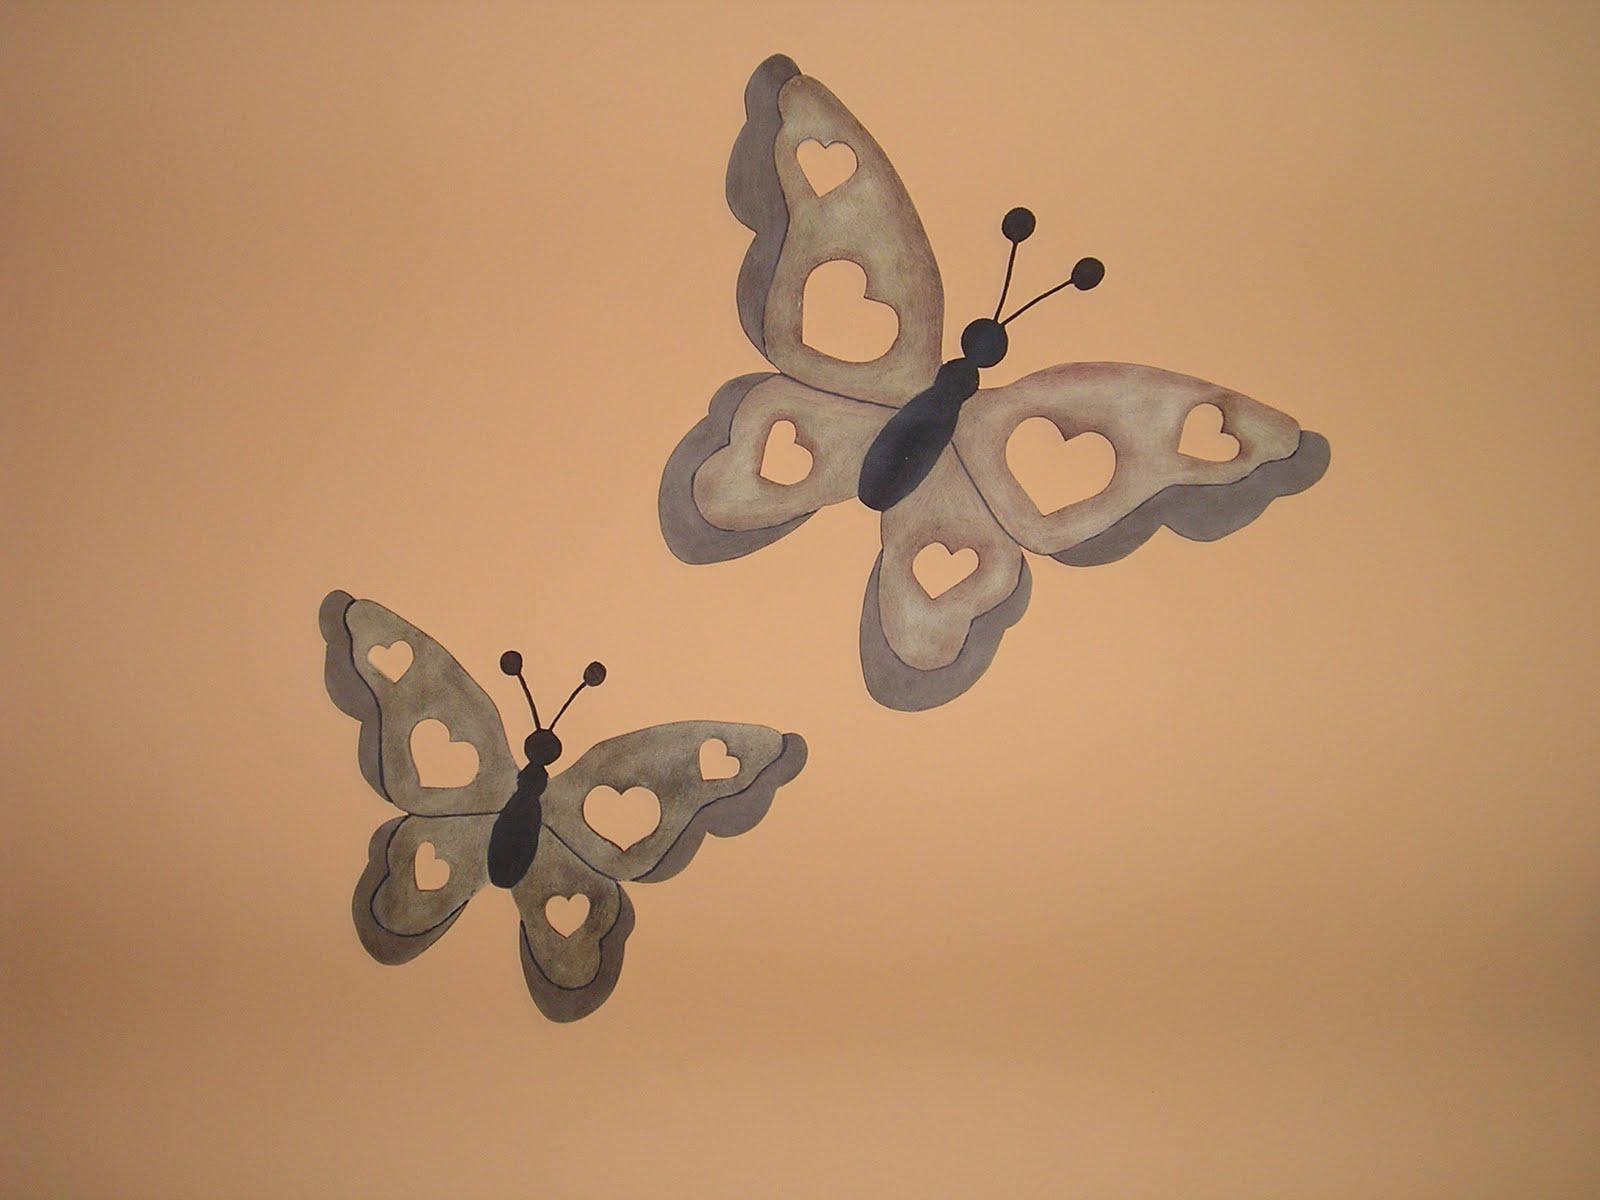 Plantillas de mariposas para pintar en la pared imagui - Plantillas de mariposas para pintar ...